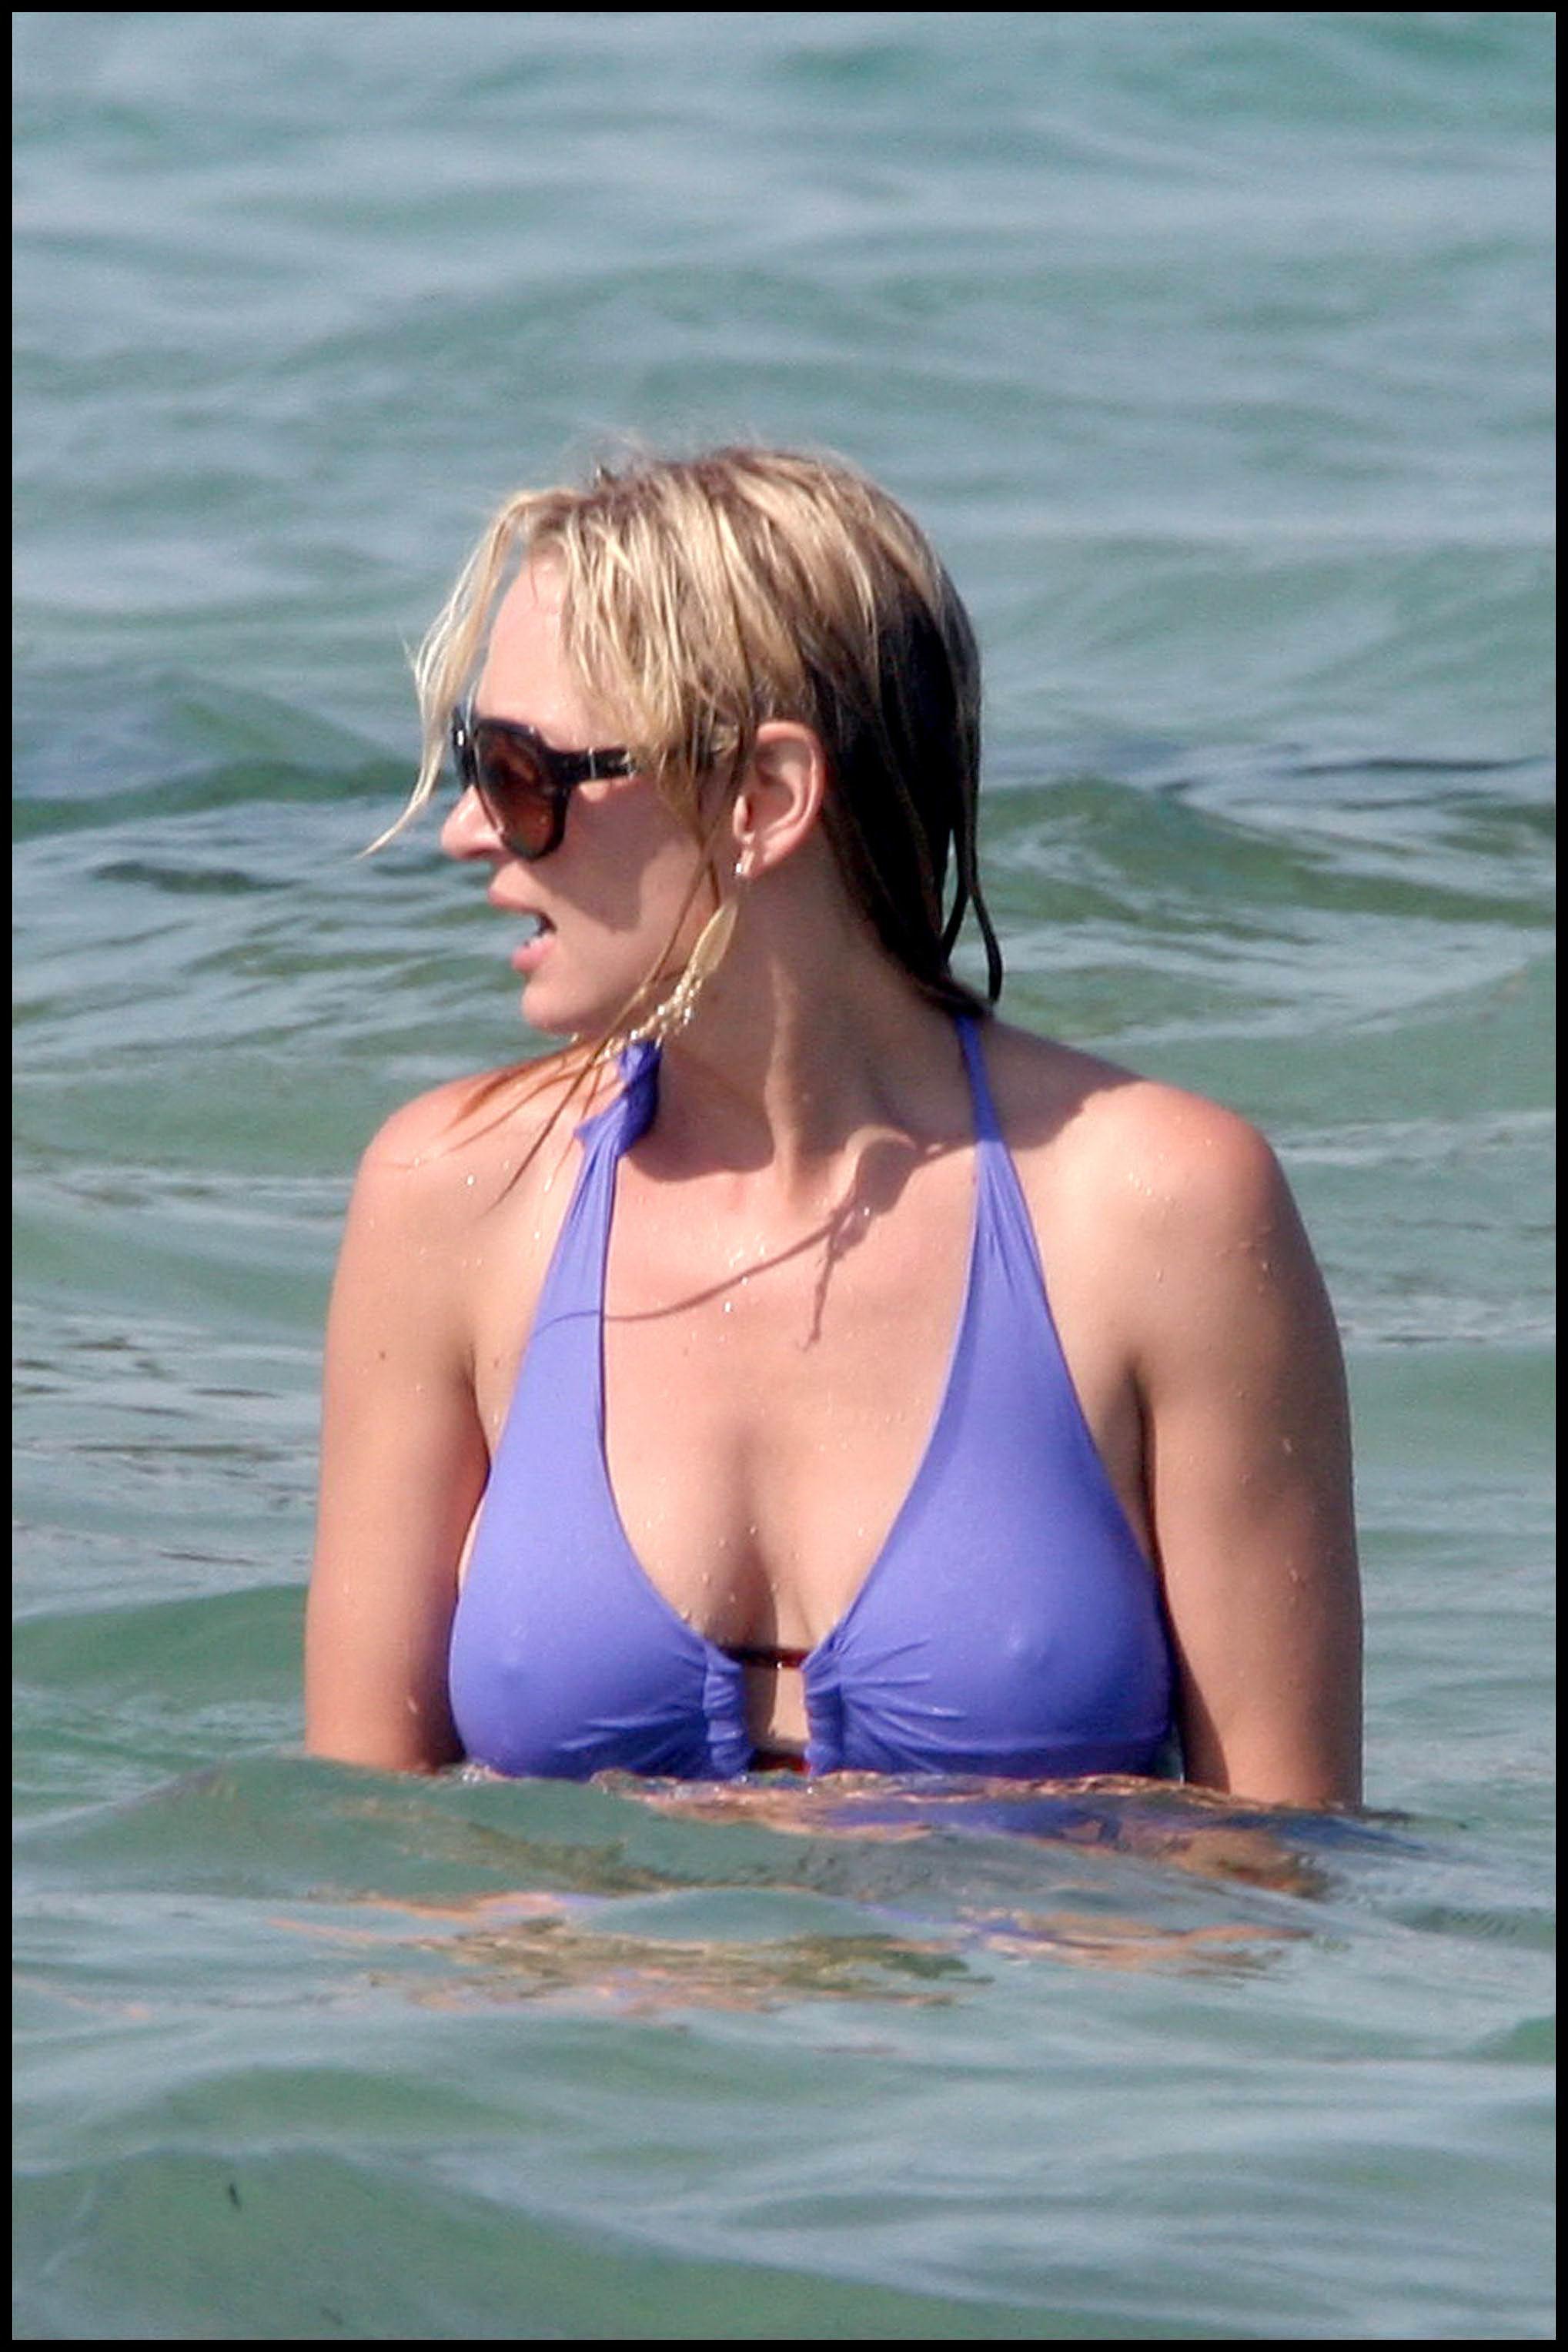 uma thurman nude on beach